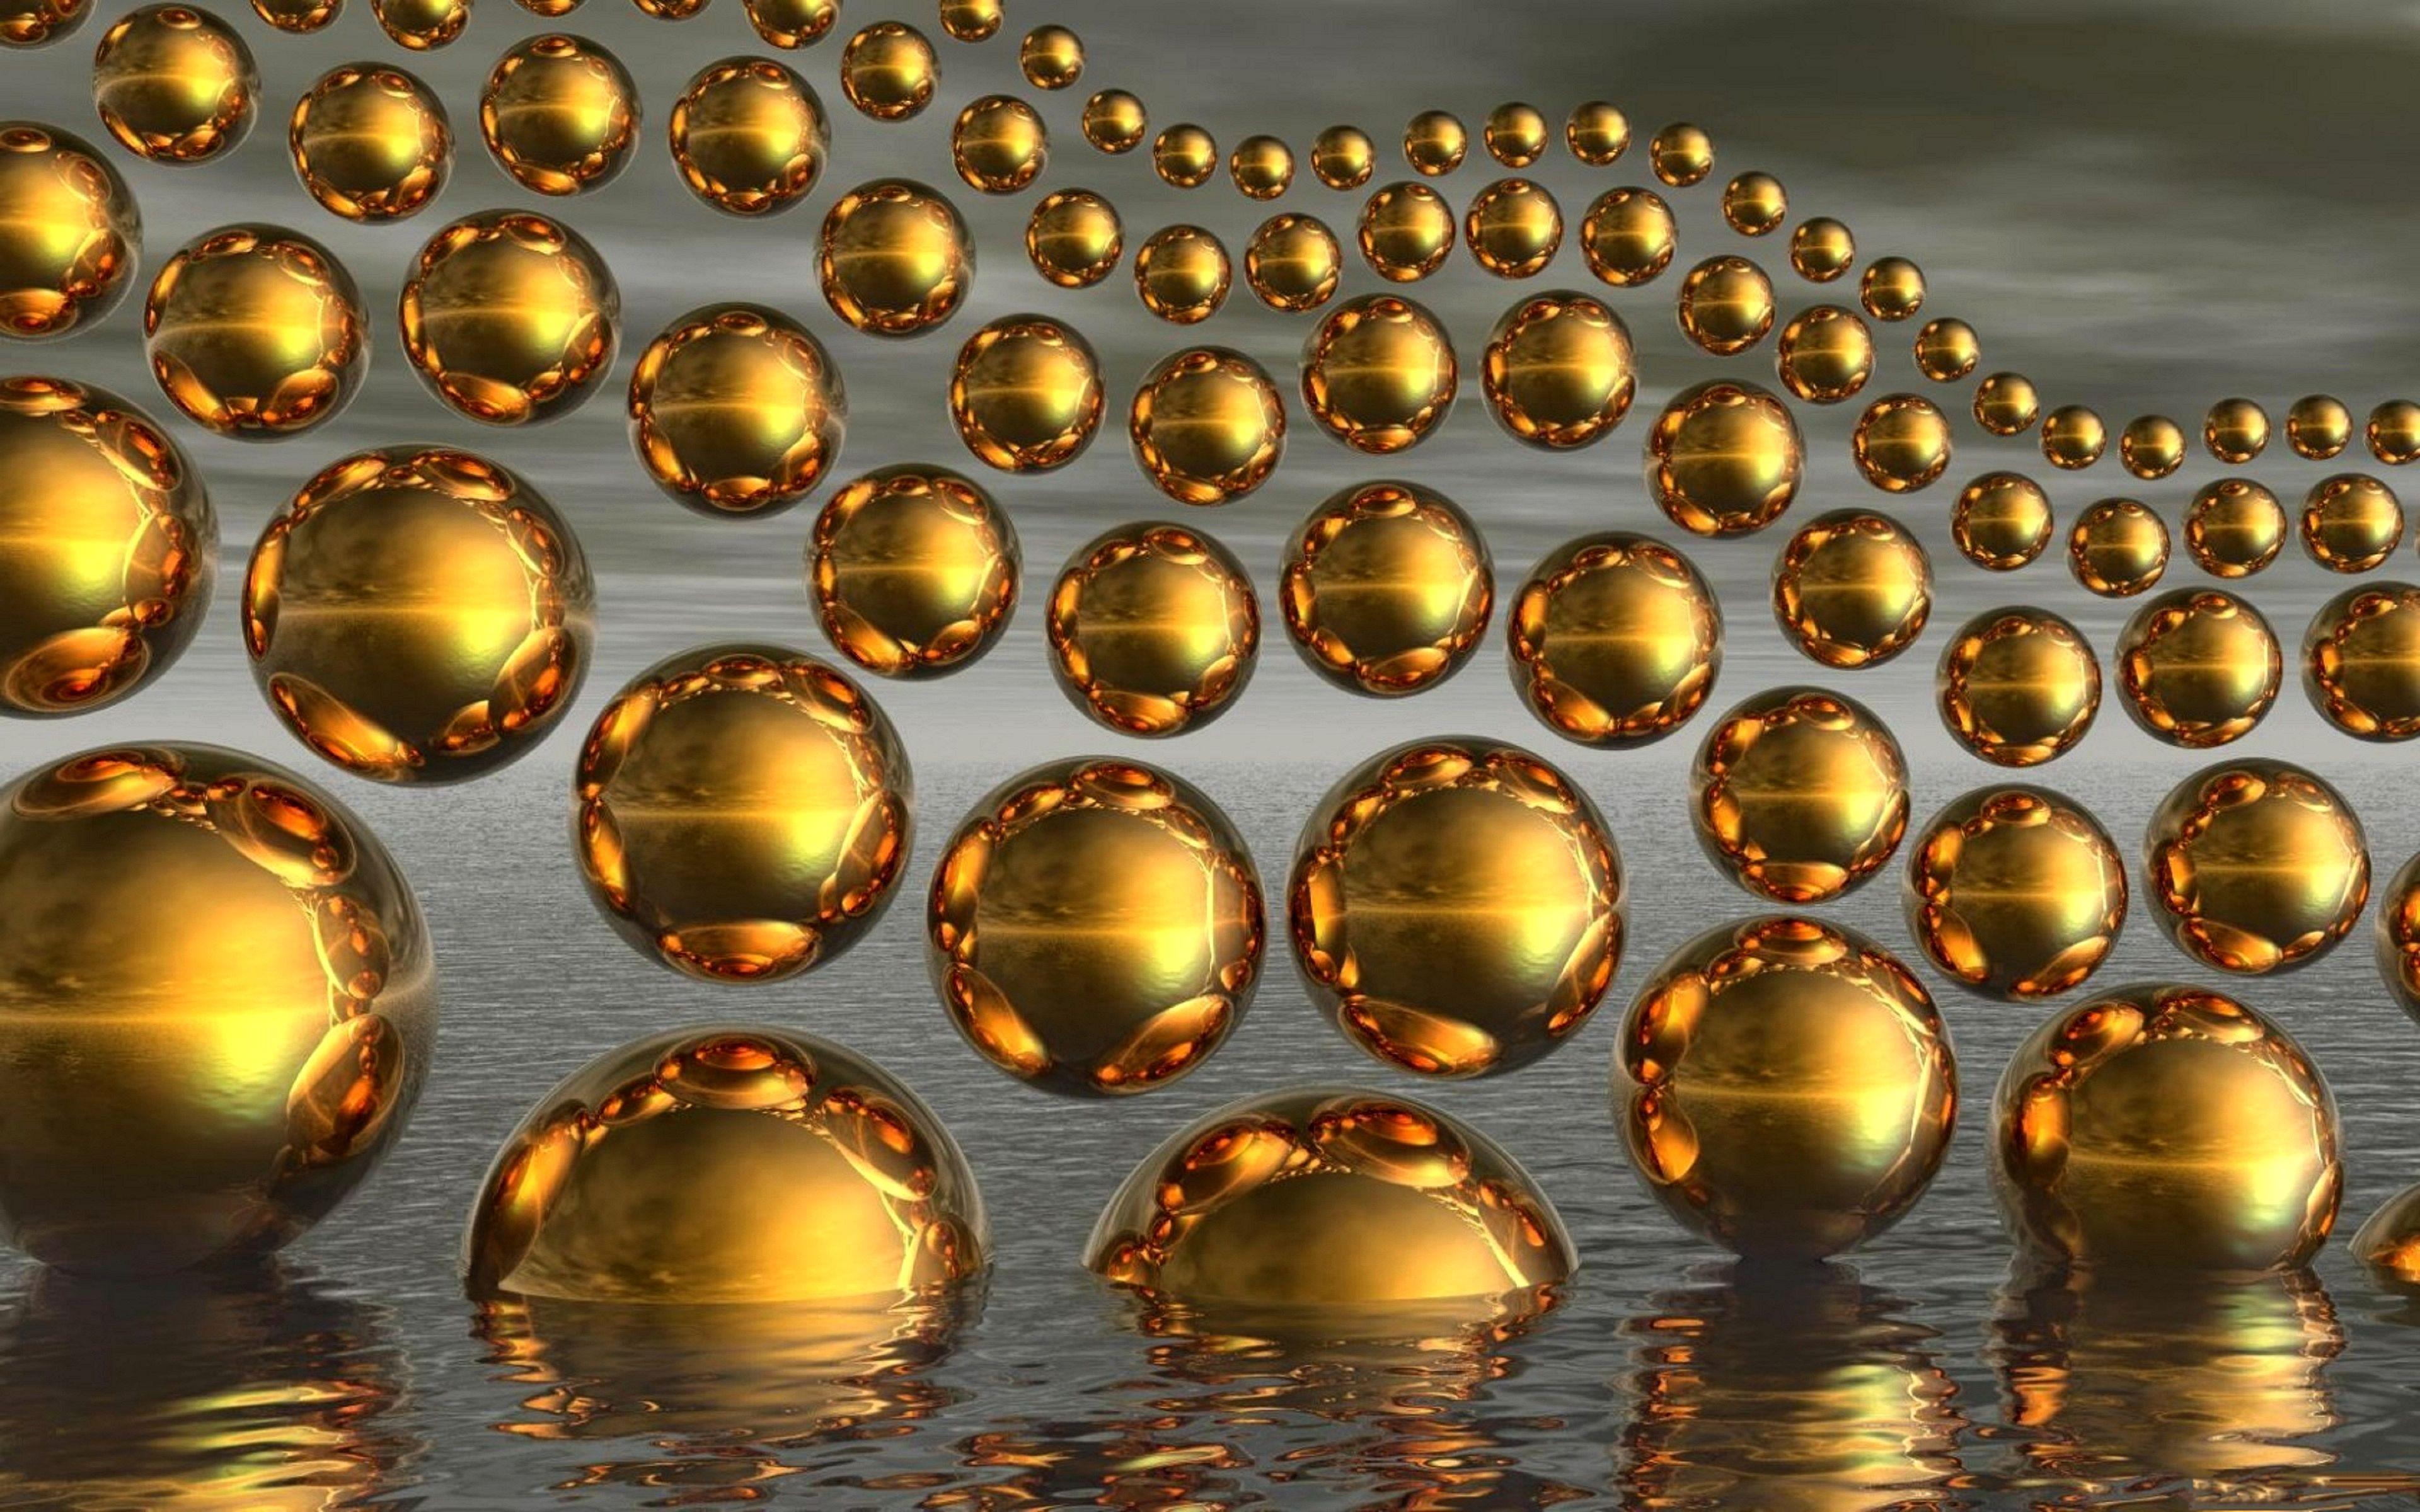 Обои шары, золотые, вода, отражение, 3d графика для рабочего стола ...